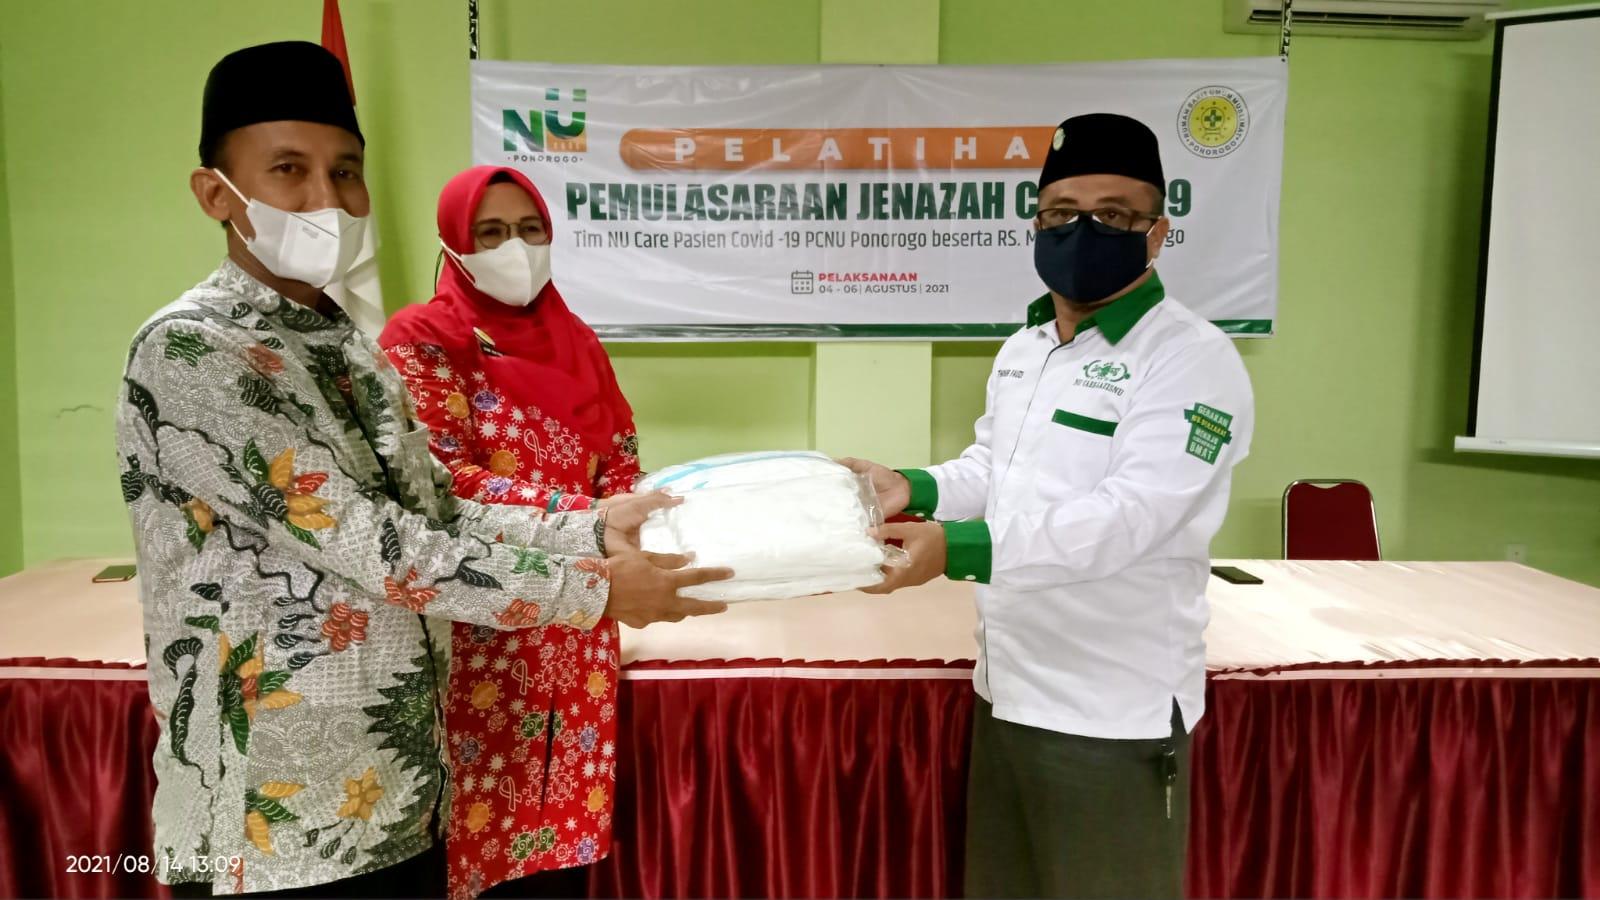 Ketua NU Care-Lazisnu Ponorogo H. Thohir Fauzi menyerahkan secara simbolik seperangkat APD kepada Ketua NU Care-Pasien Covid-19 Agus Khoirul Hadi